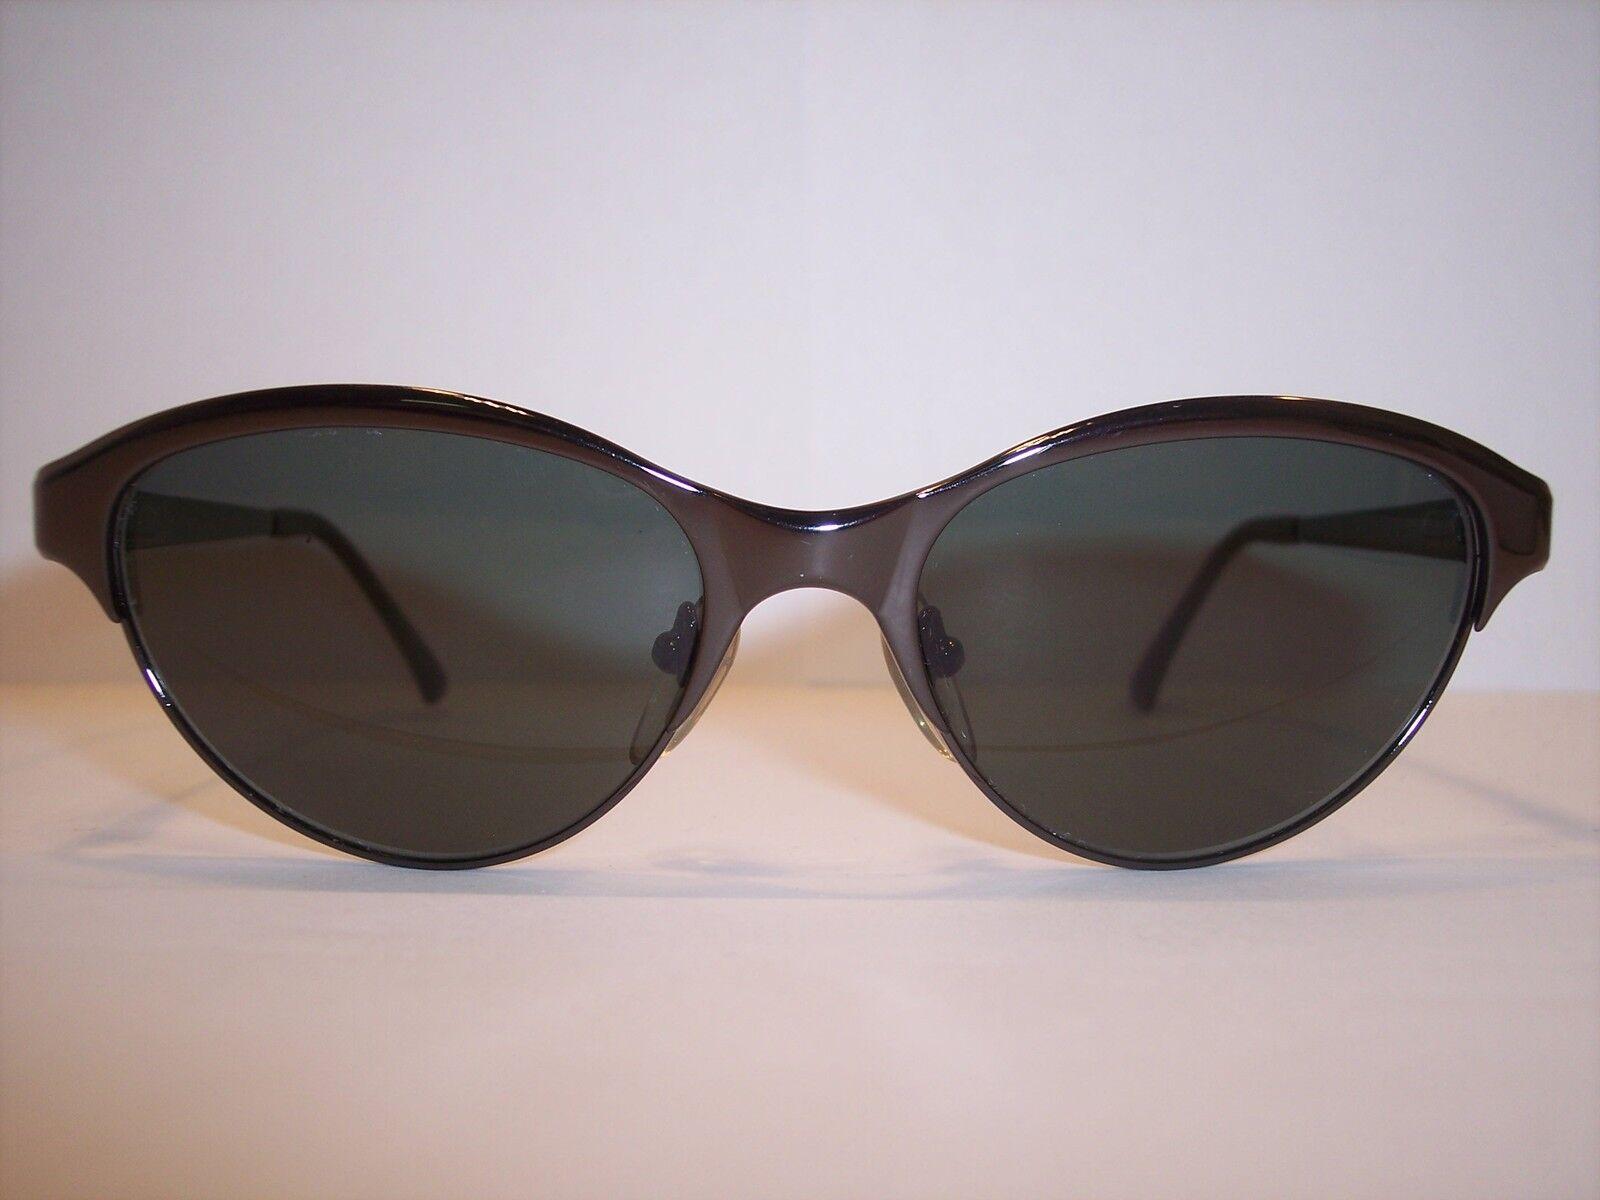 Vintage-Sonnenbrille Sunglasses Sunglasses Sunglasses by damen KARAN New York  Very Rare Original 90'  | Spielen Sie das Beste  | Elegant Und Würdevoll  | Eleganter Stil  446b3b